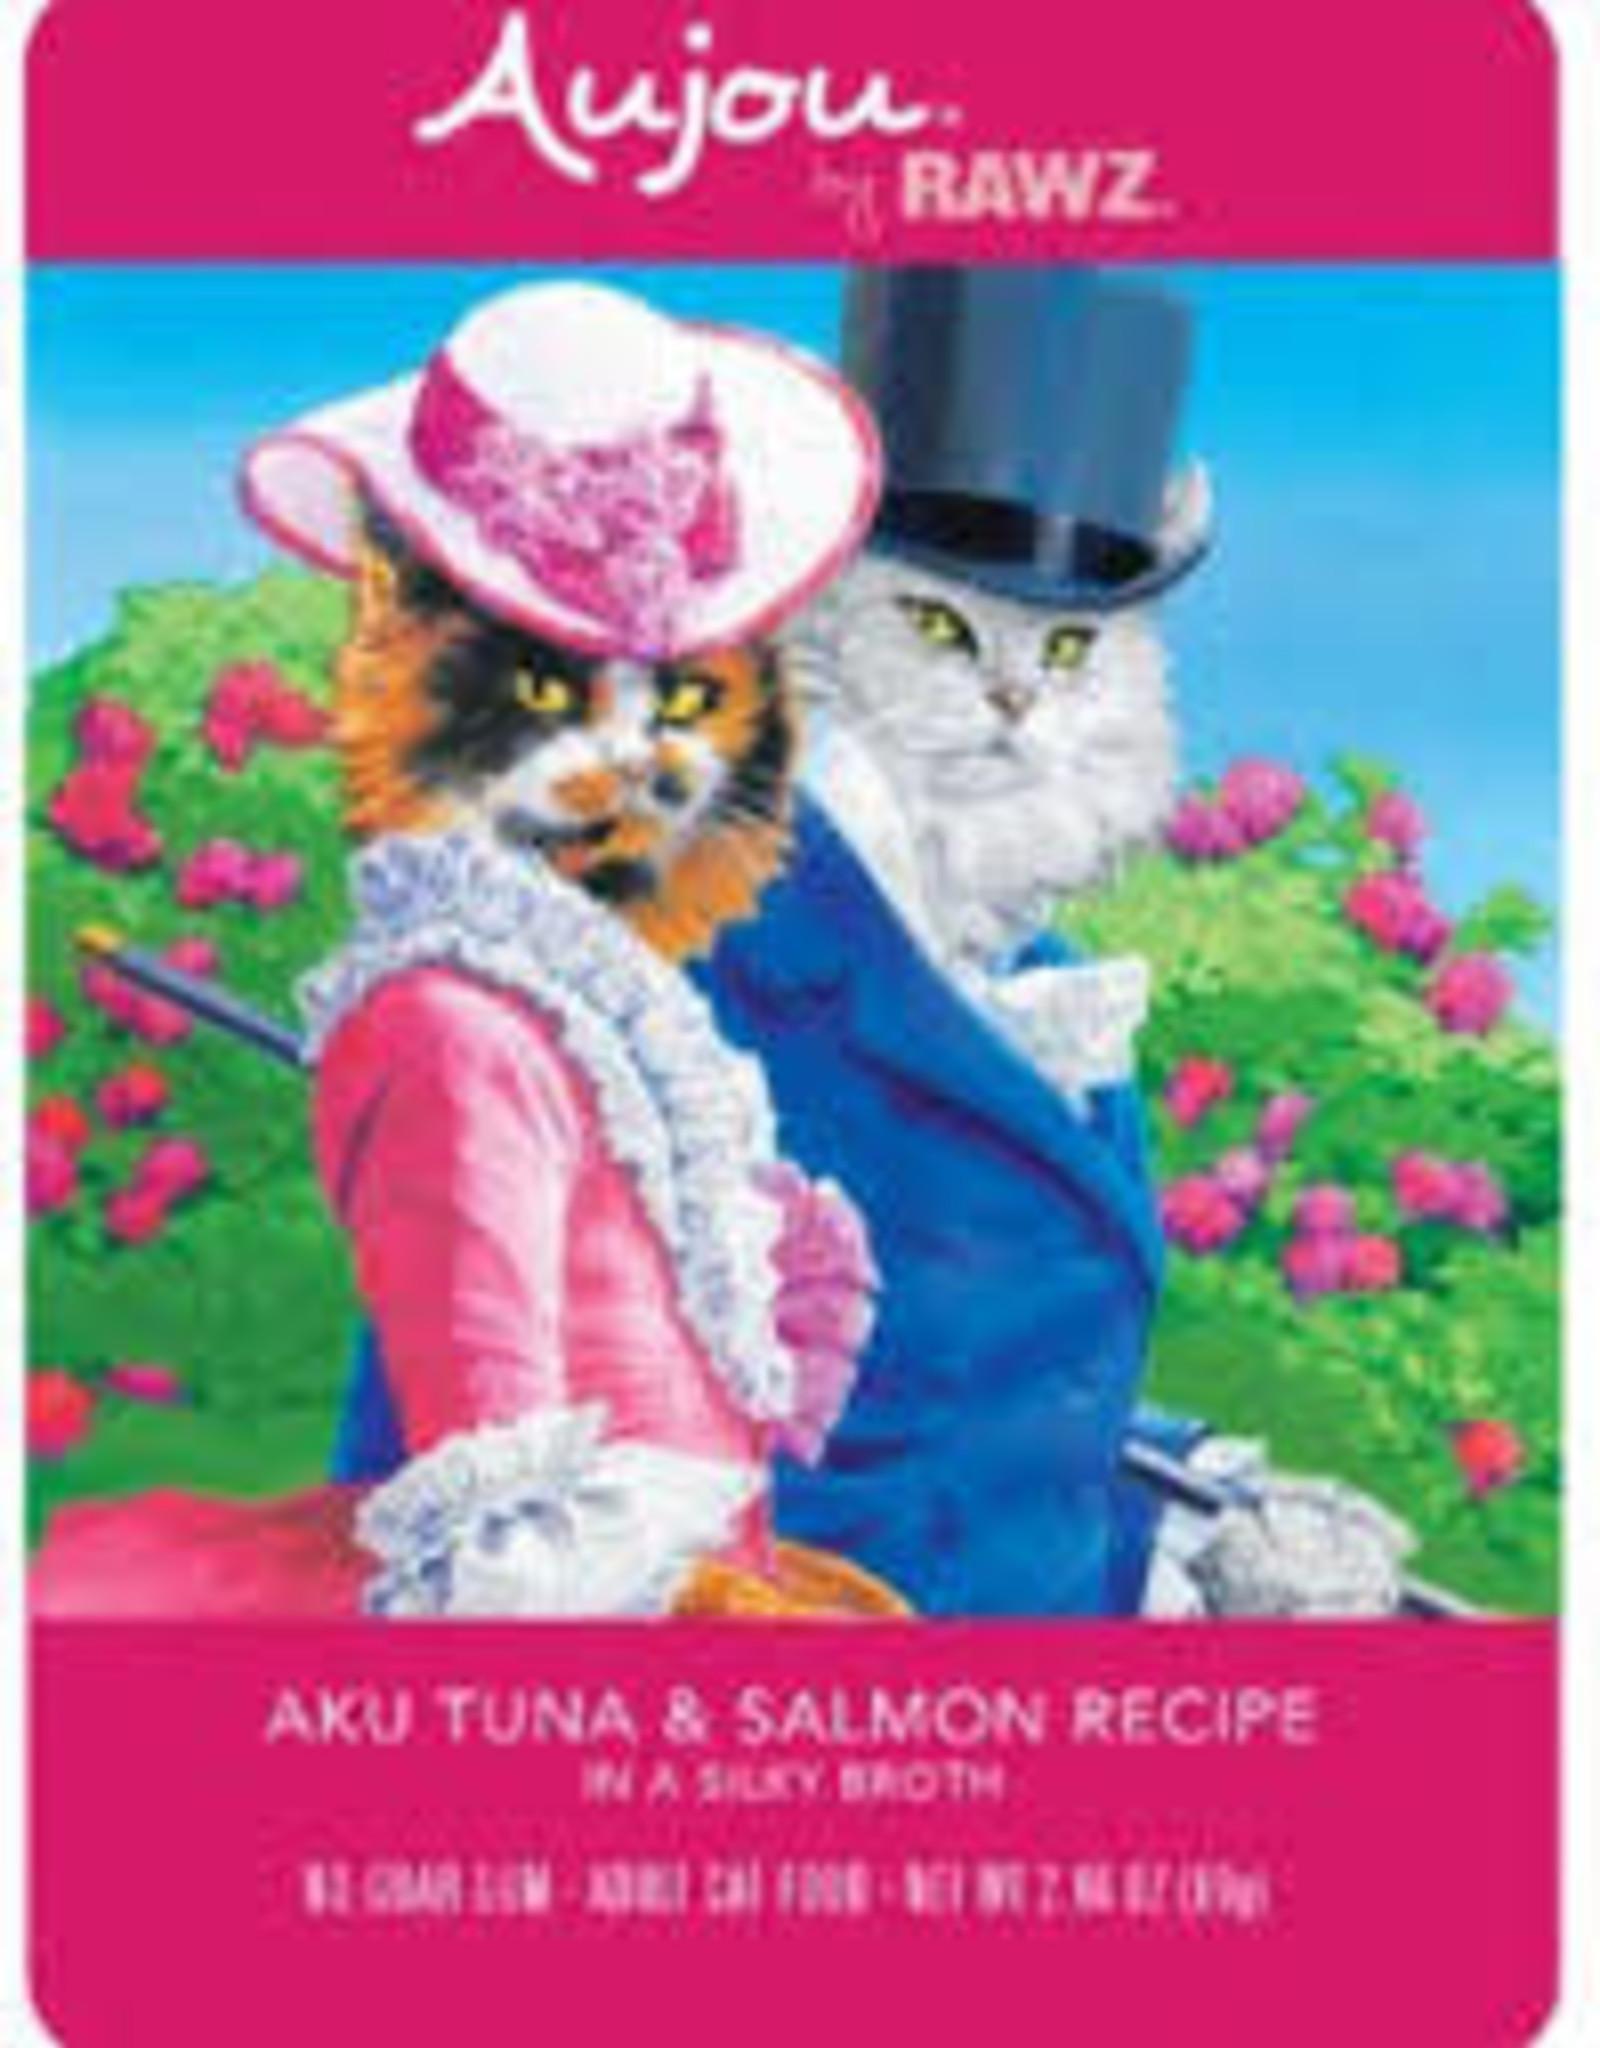 Aujou Aku Tuna & Salmon